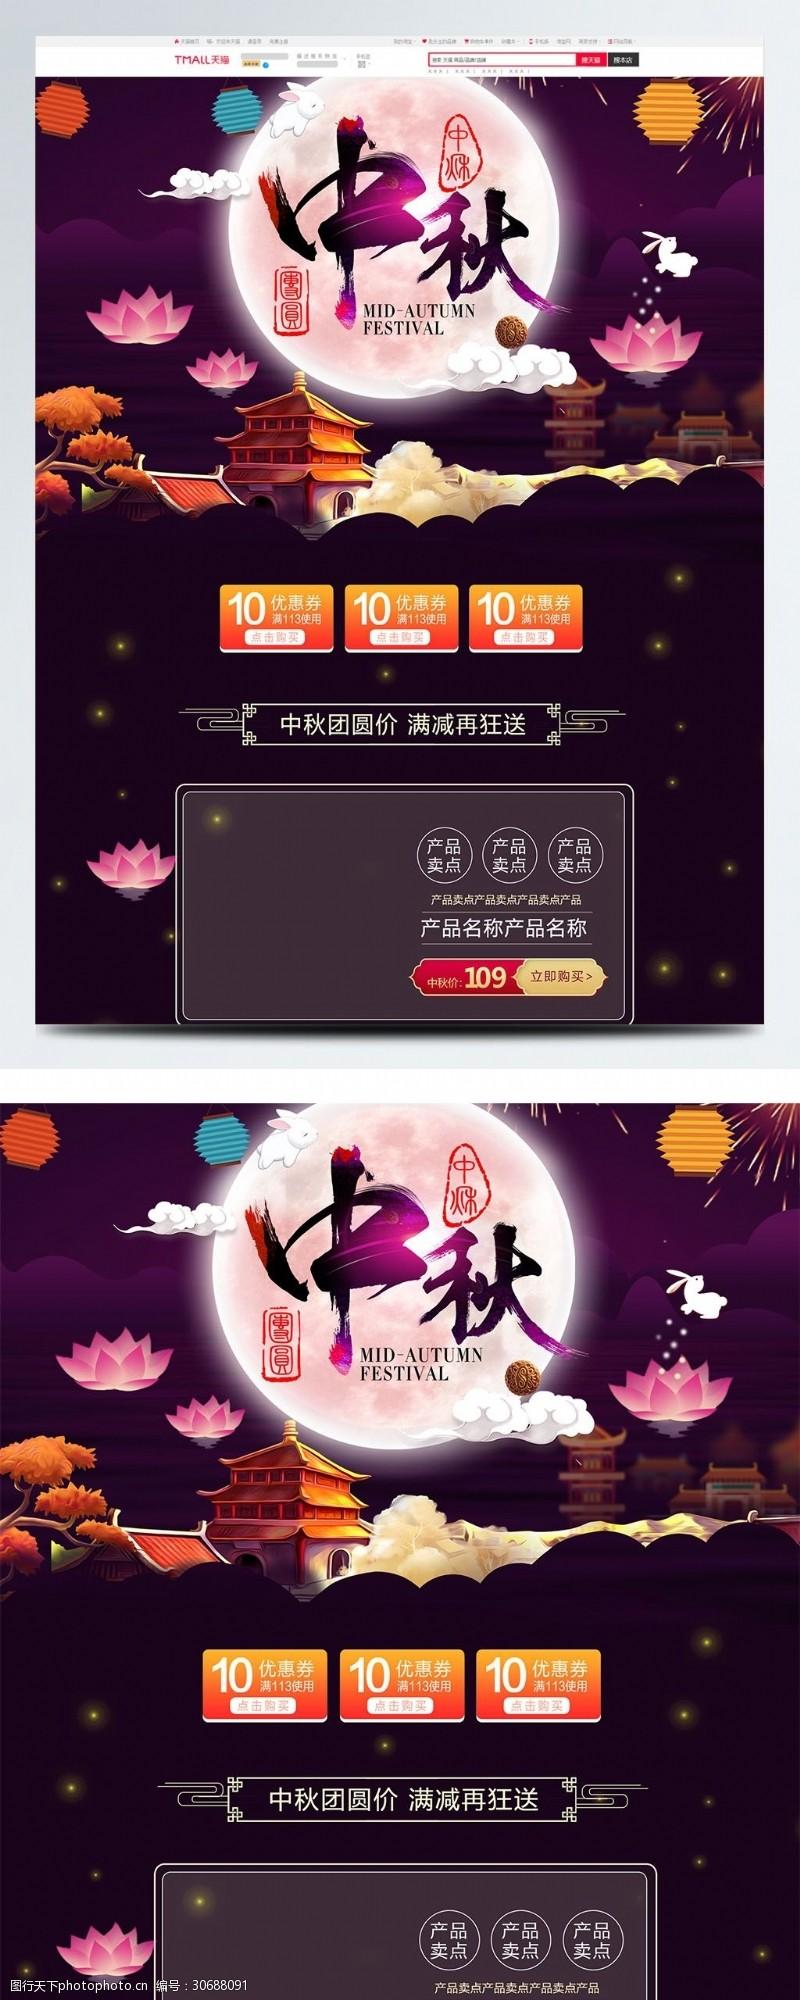 狂送紫色唯美中国风电商促销中秋节淘宝首页模板